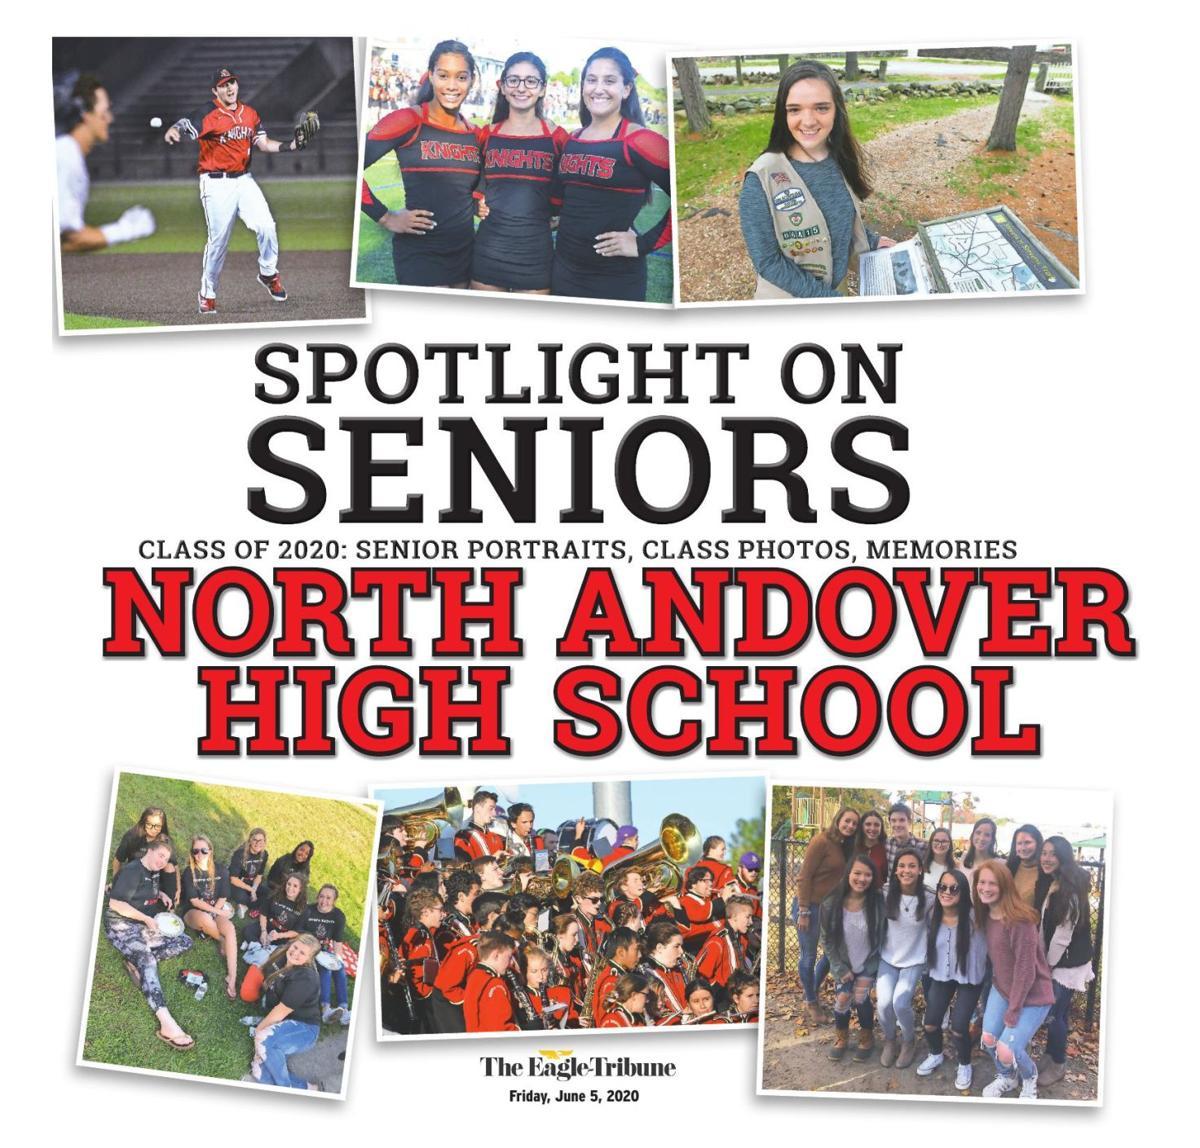 Spotlight on Seniors: North Andover High School